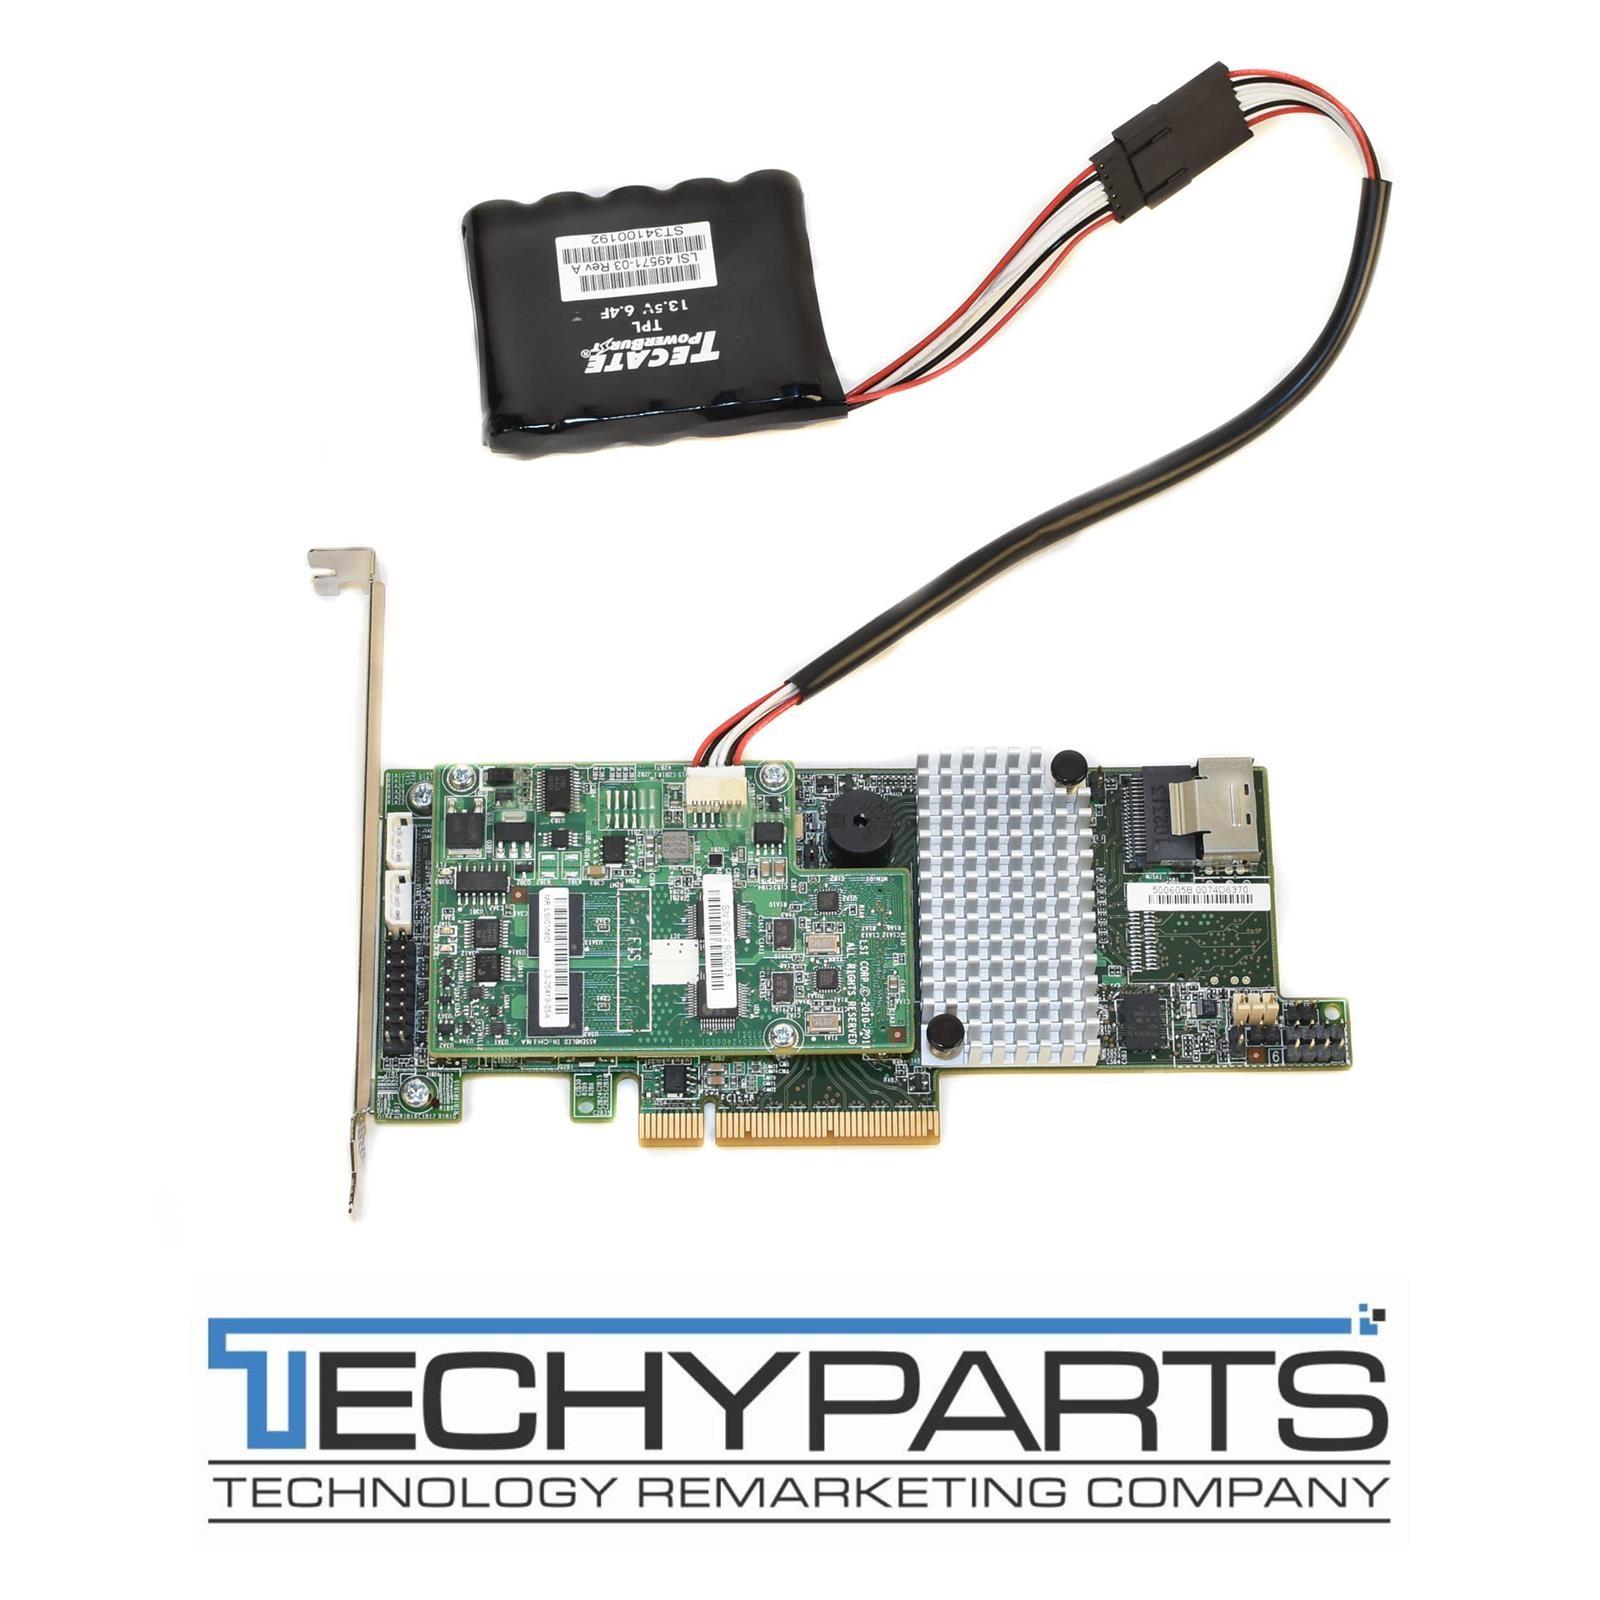 LSI Logic LSI9266-4I Megaraid Internal SAS 6Gbps RAID